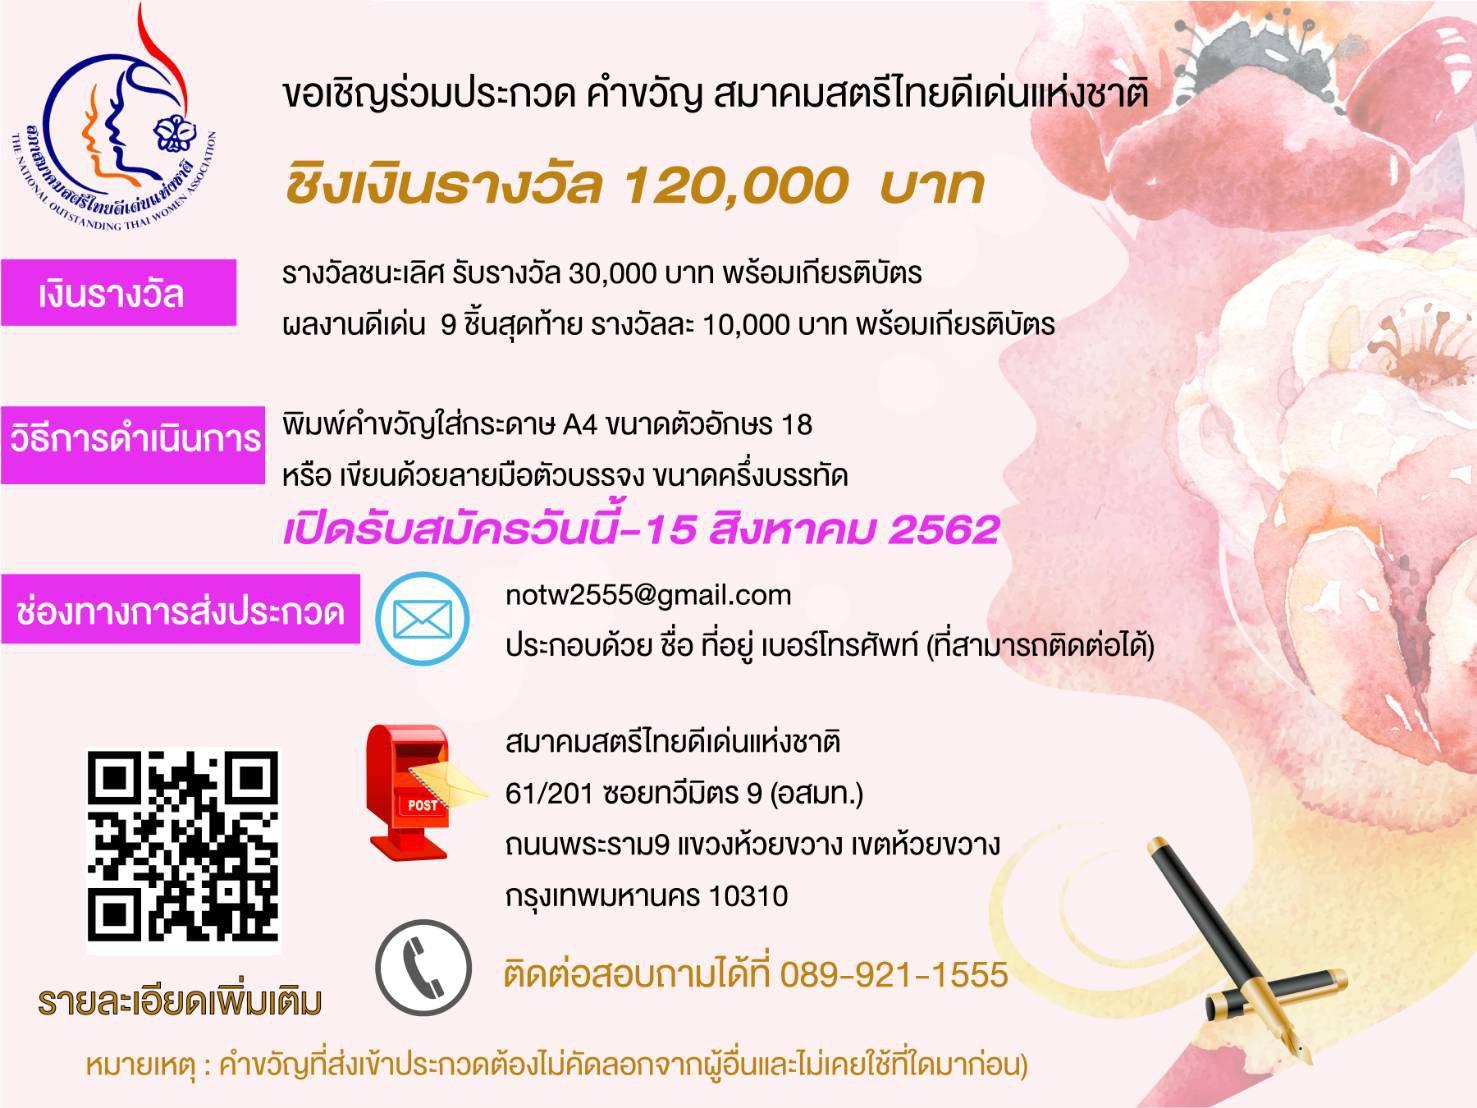 """สมาคมสตรีไทยดีเด่นแห่งชาติ เชิญชวนประชาชนส่งคำขวัญเข้าประกวดในโครงการ """"ประกวดคำขวัญ สมาคมสตรีไทยดีเด่นแห่งชาติ"""" ชิงเงินรางวัลรวมมูลค่า 120,000 บาท"""